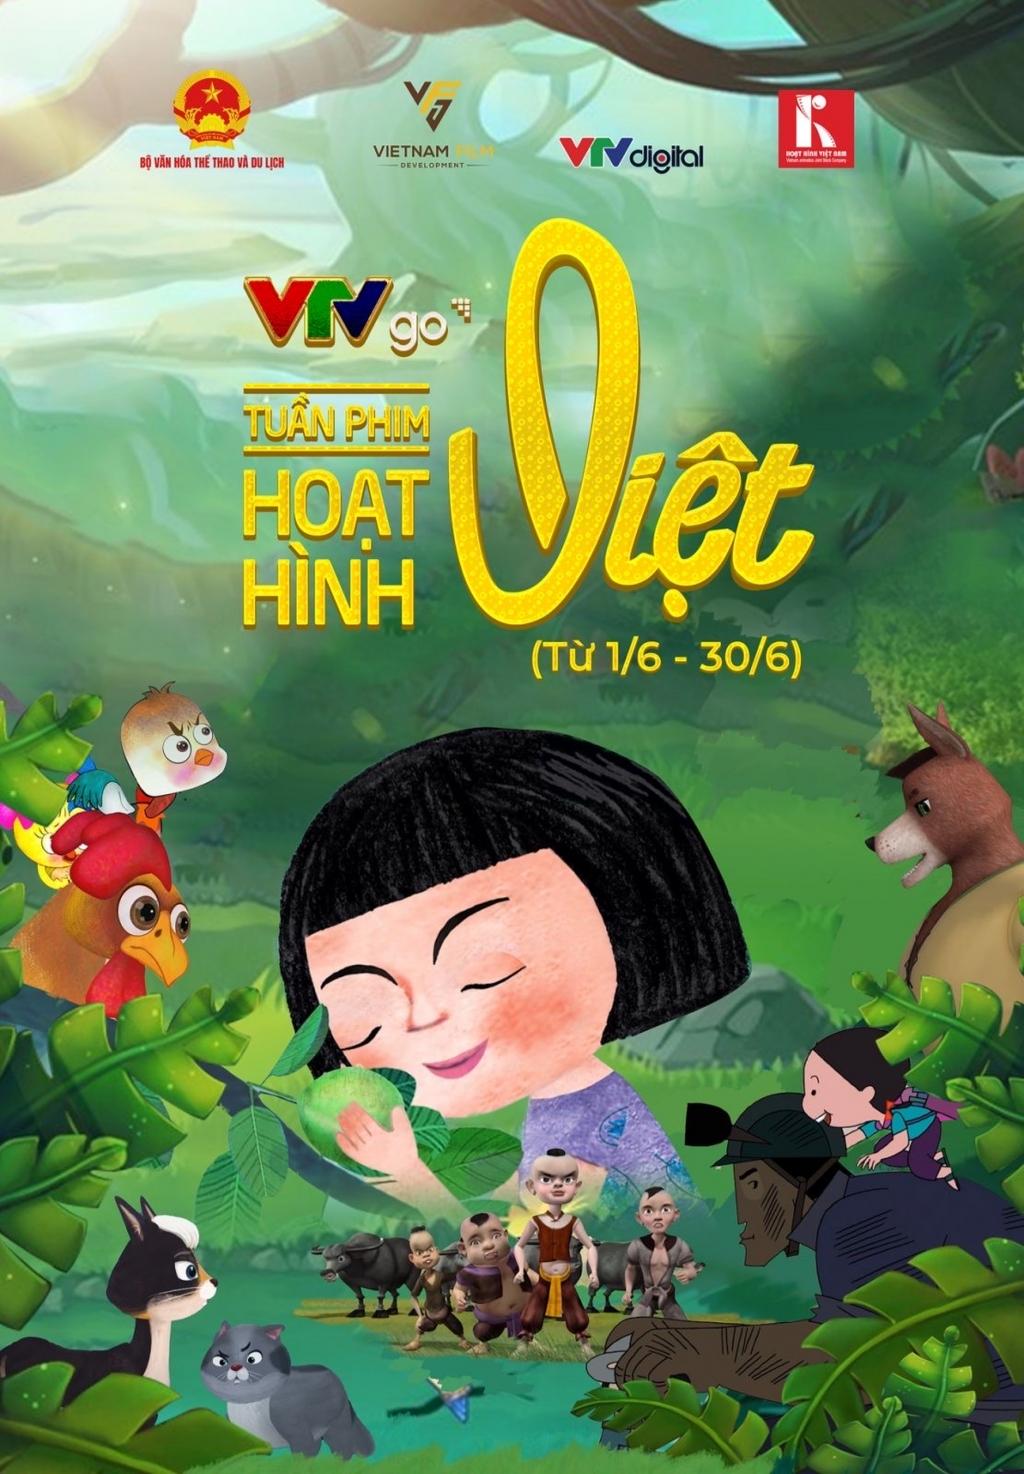 Có thể nói, đây cũng là dịp hiếm hoi, các bạn nhỏ có cơ hội được thưởng thức đồng thời nhiều chủ đề phim hoạt hình Việt Nam như vậy